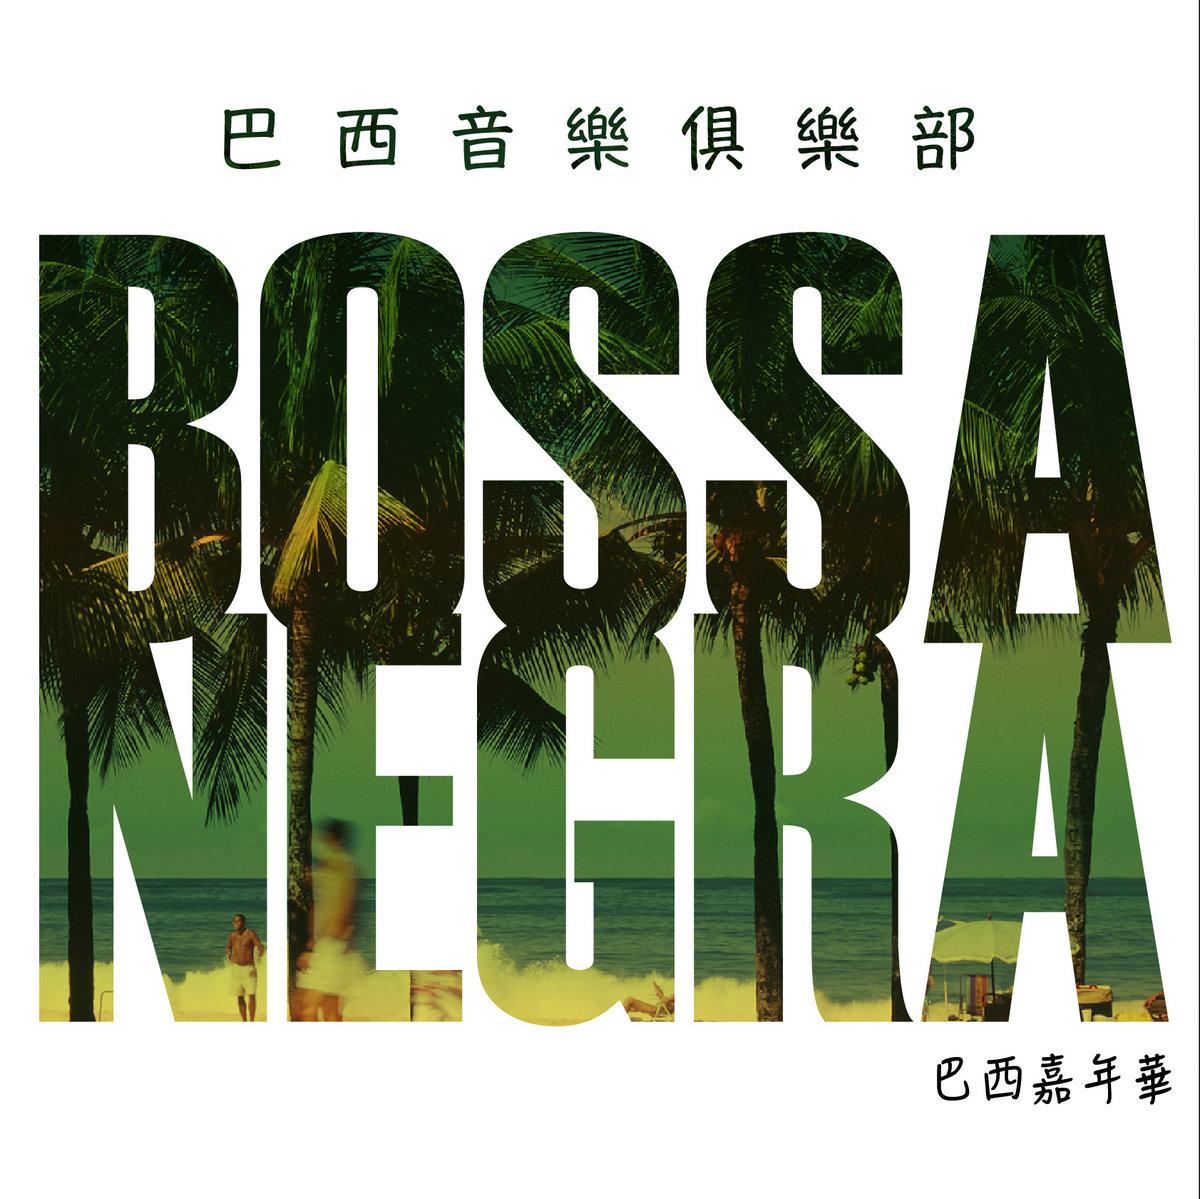 Upside Down Flor De Lis 森巴 Bossa Nova Feat 董姿彦joanna Dong